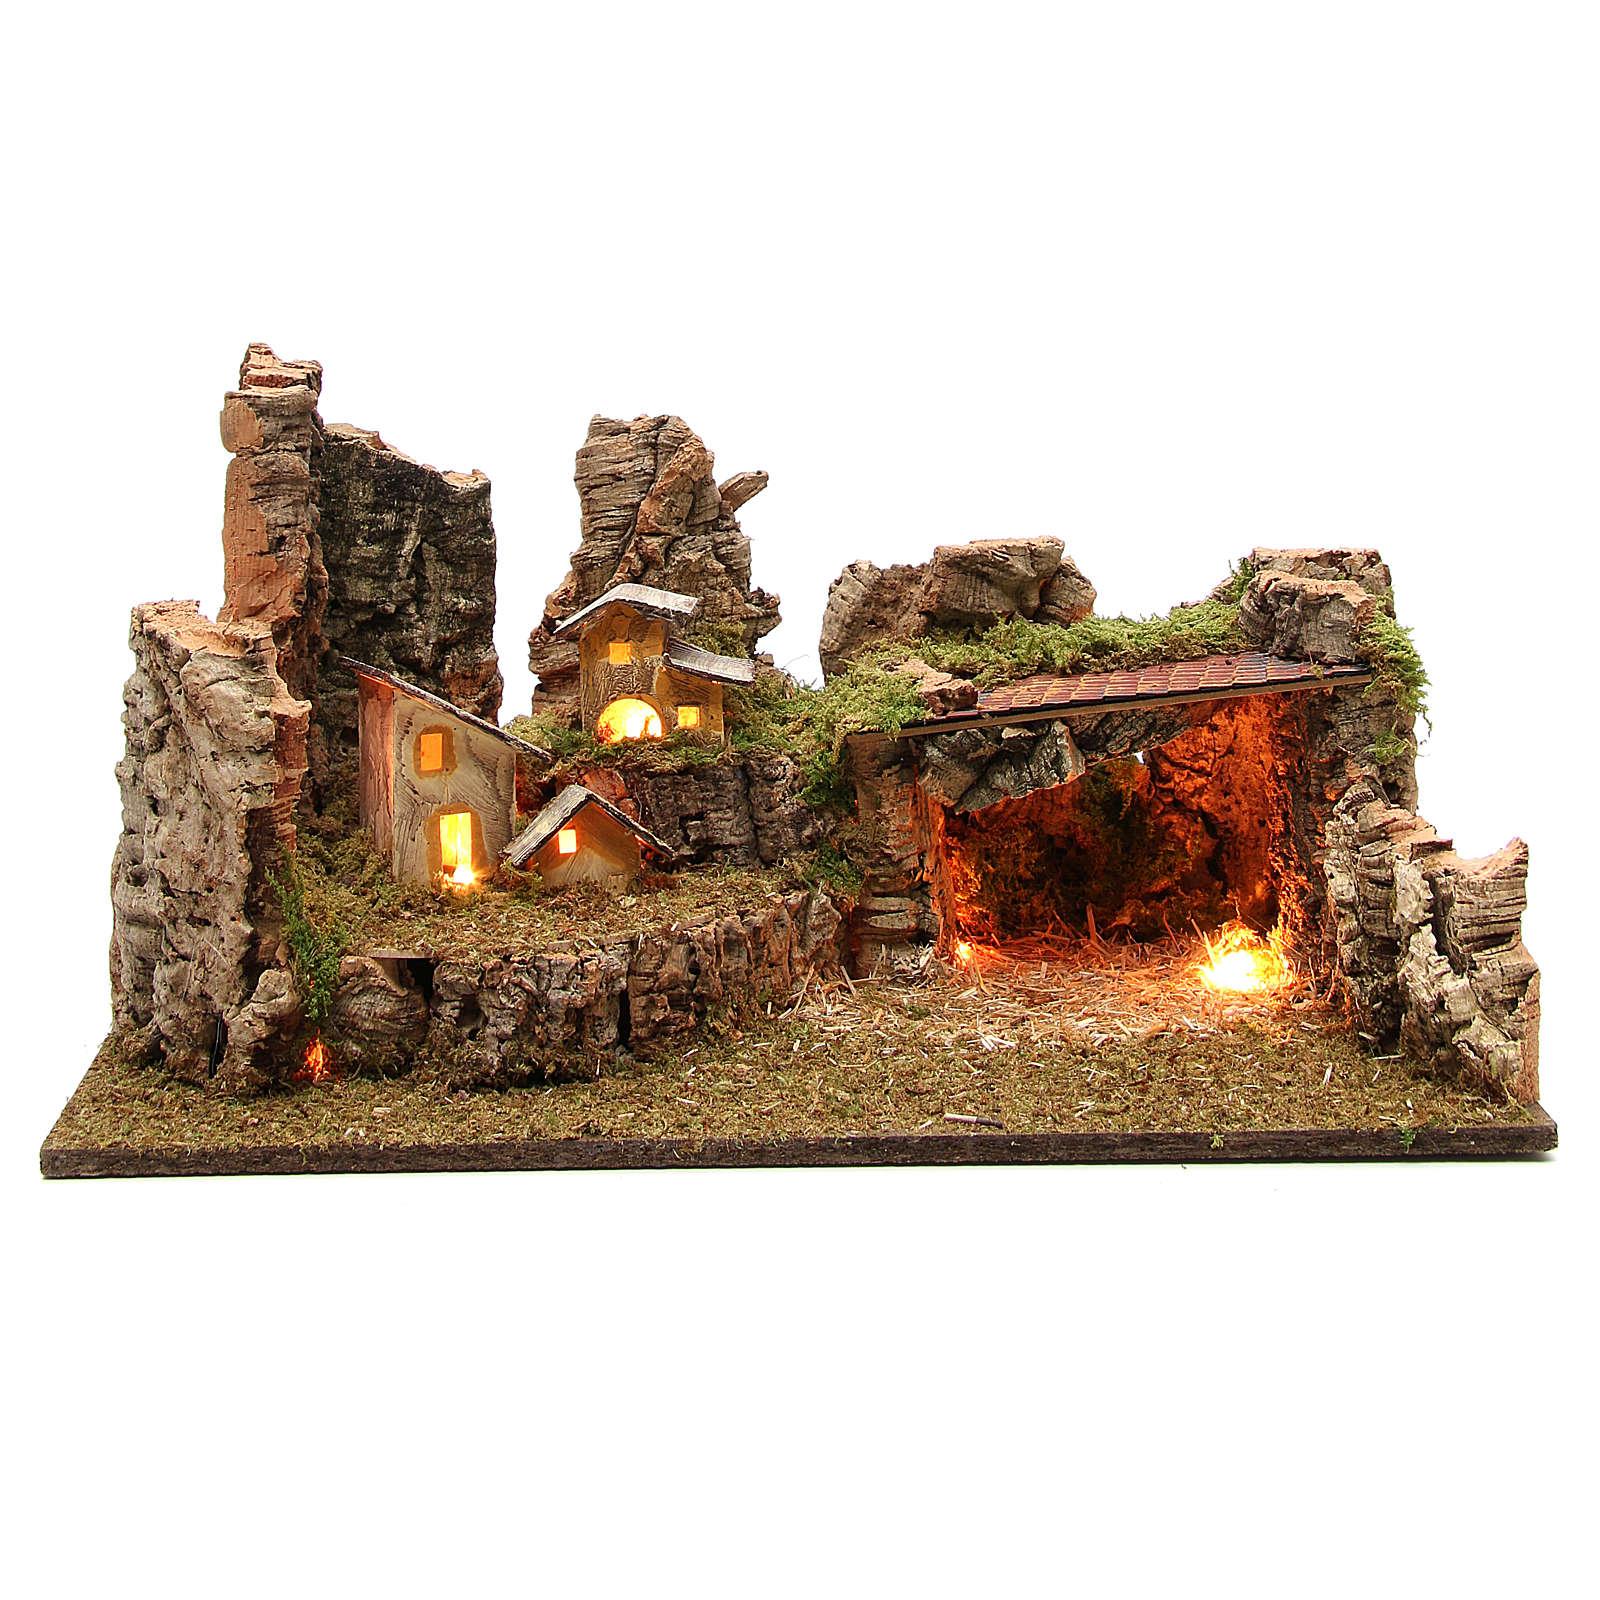 Grotta presepe con paesaggio e luci 28x58x32 cm 4